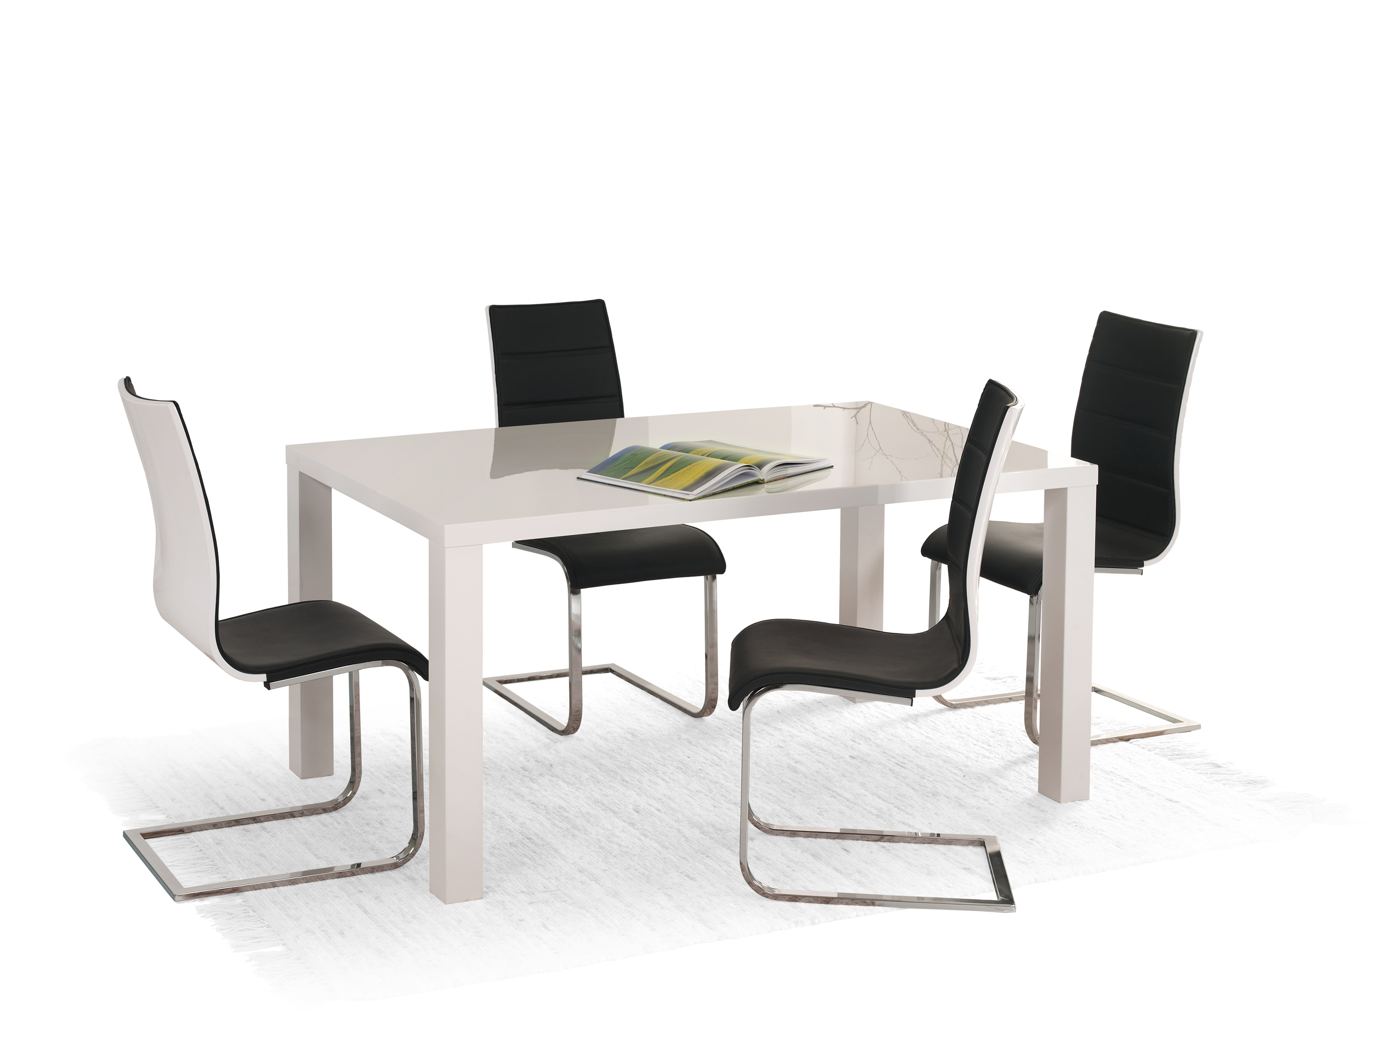 RONALD stół biały 120/80 (2p=1szt)